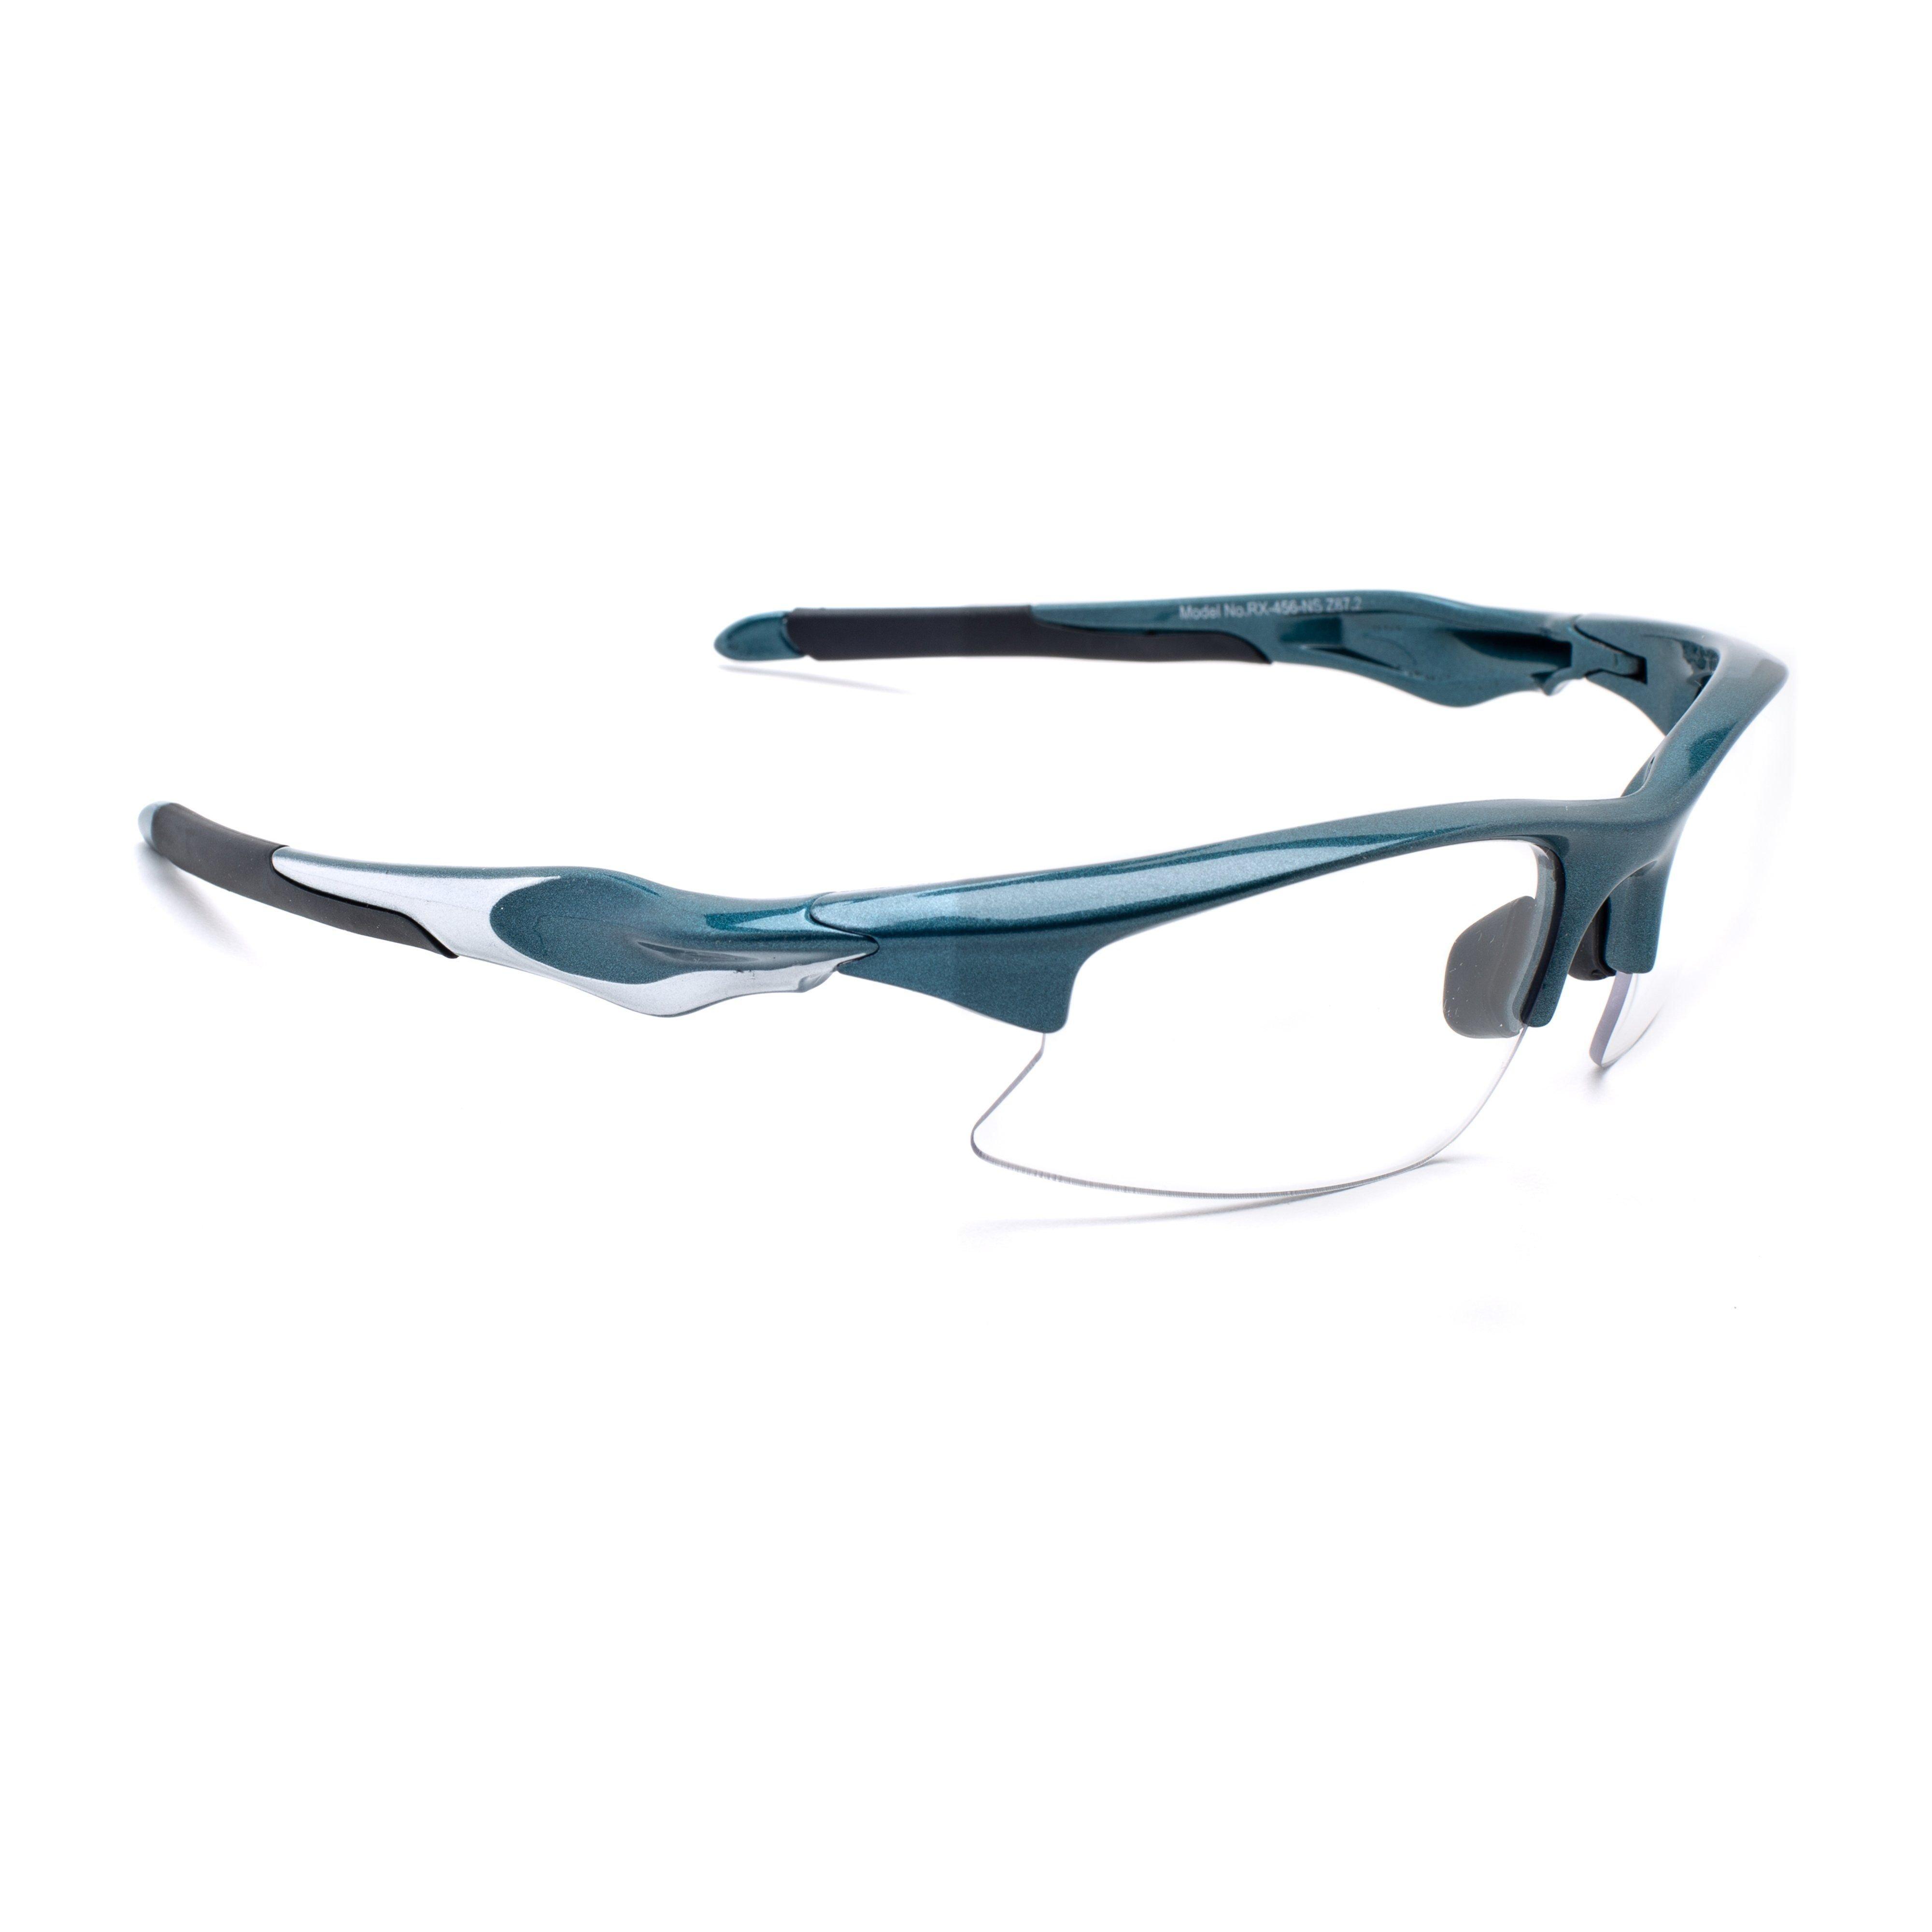 84e7bd8b8 Buy Prescription Safety Glasses RX-456 - Rx Safety